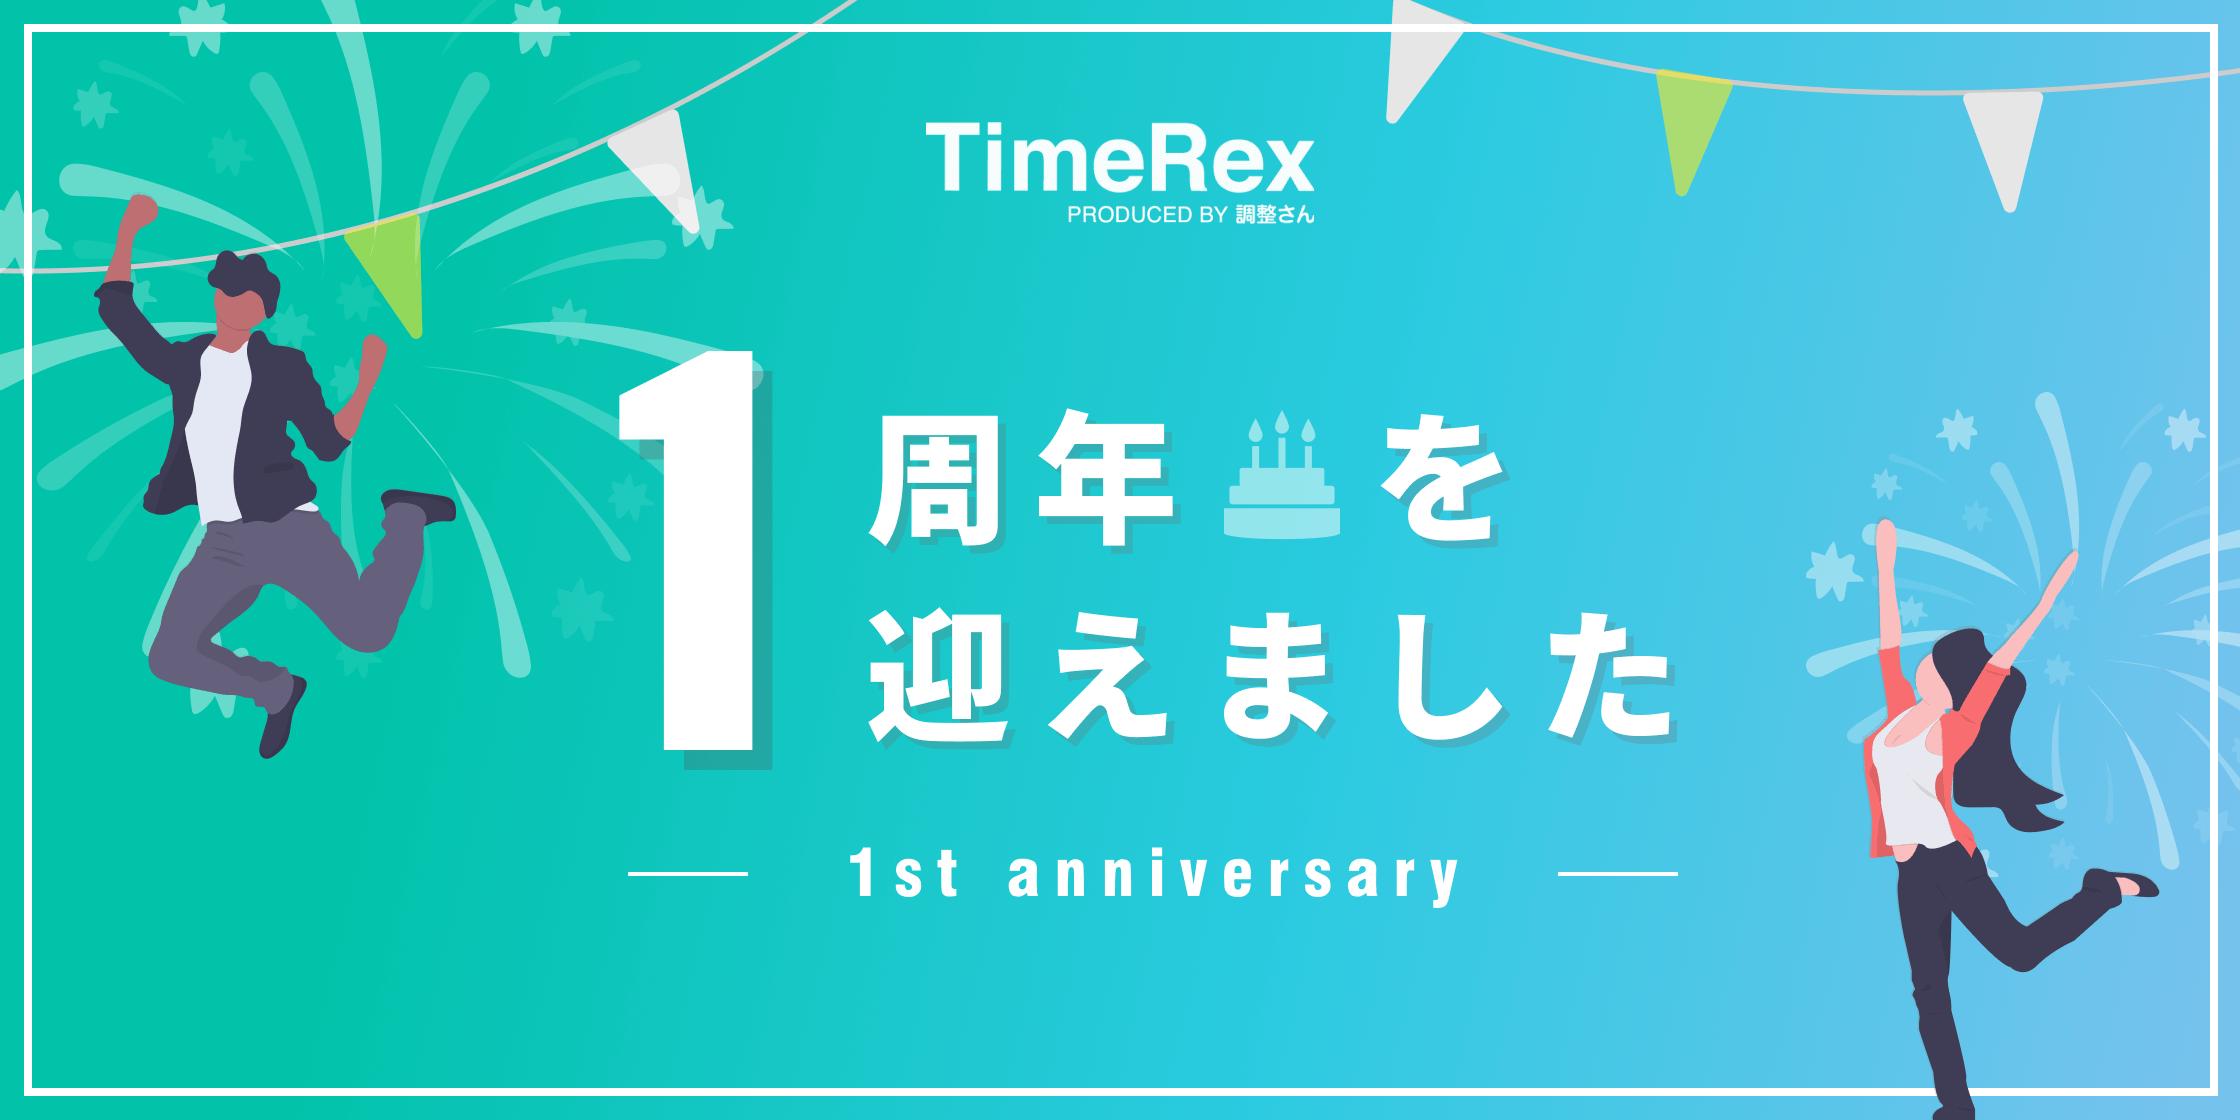 TimeRexはリリース1周年を迎えました!